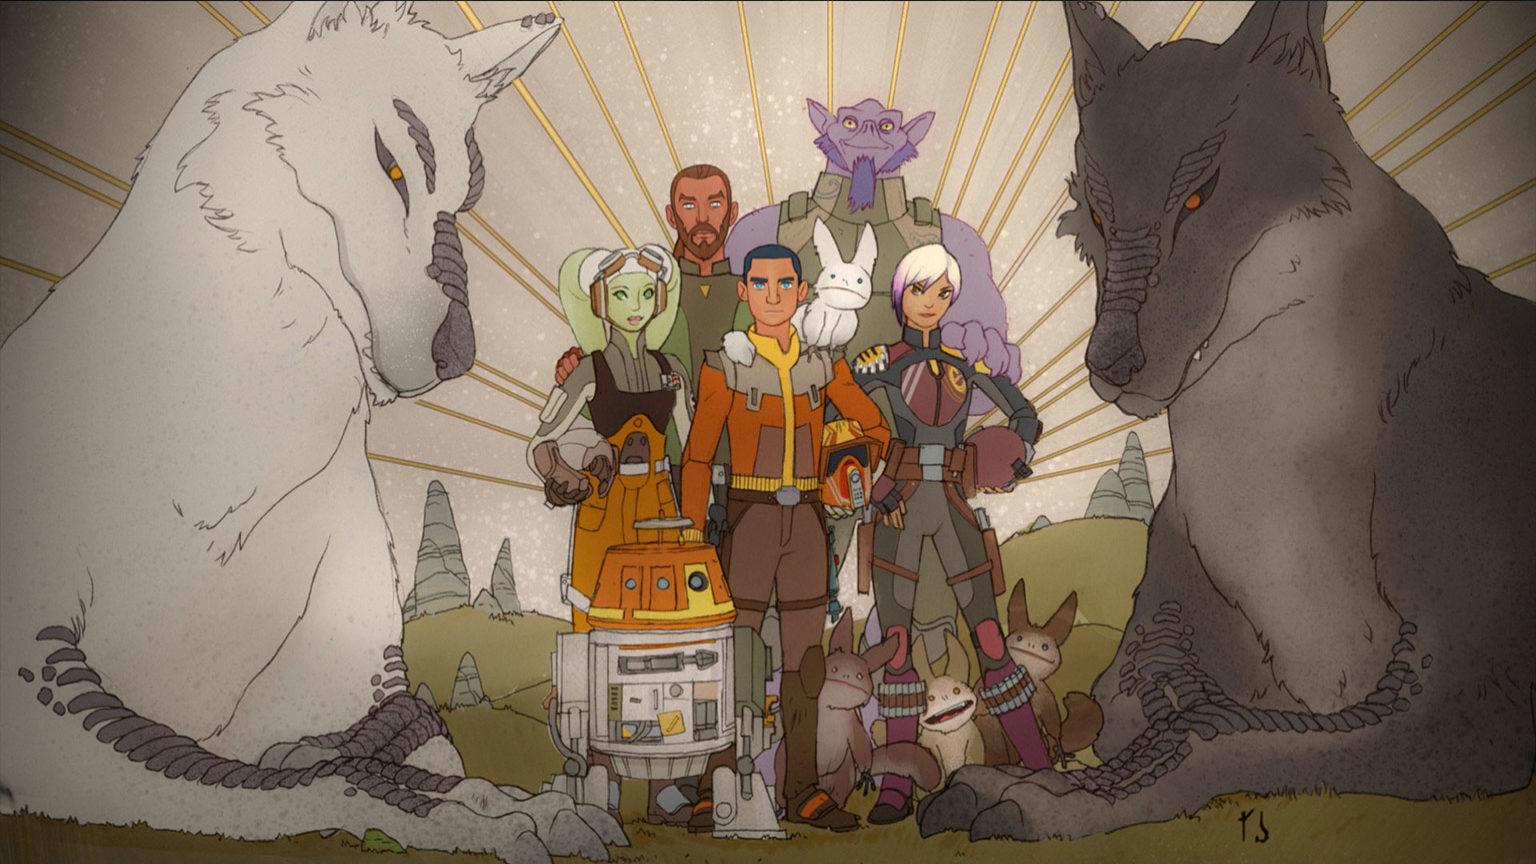 Star Wars rebels mural